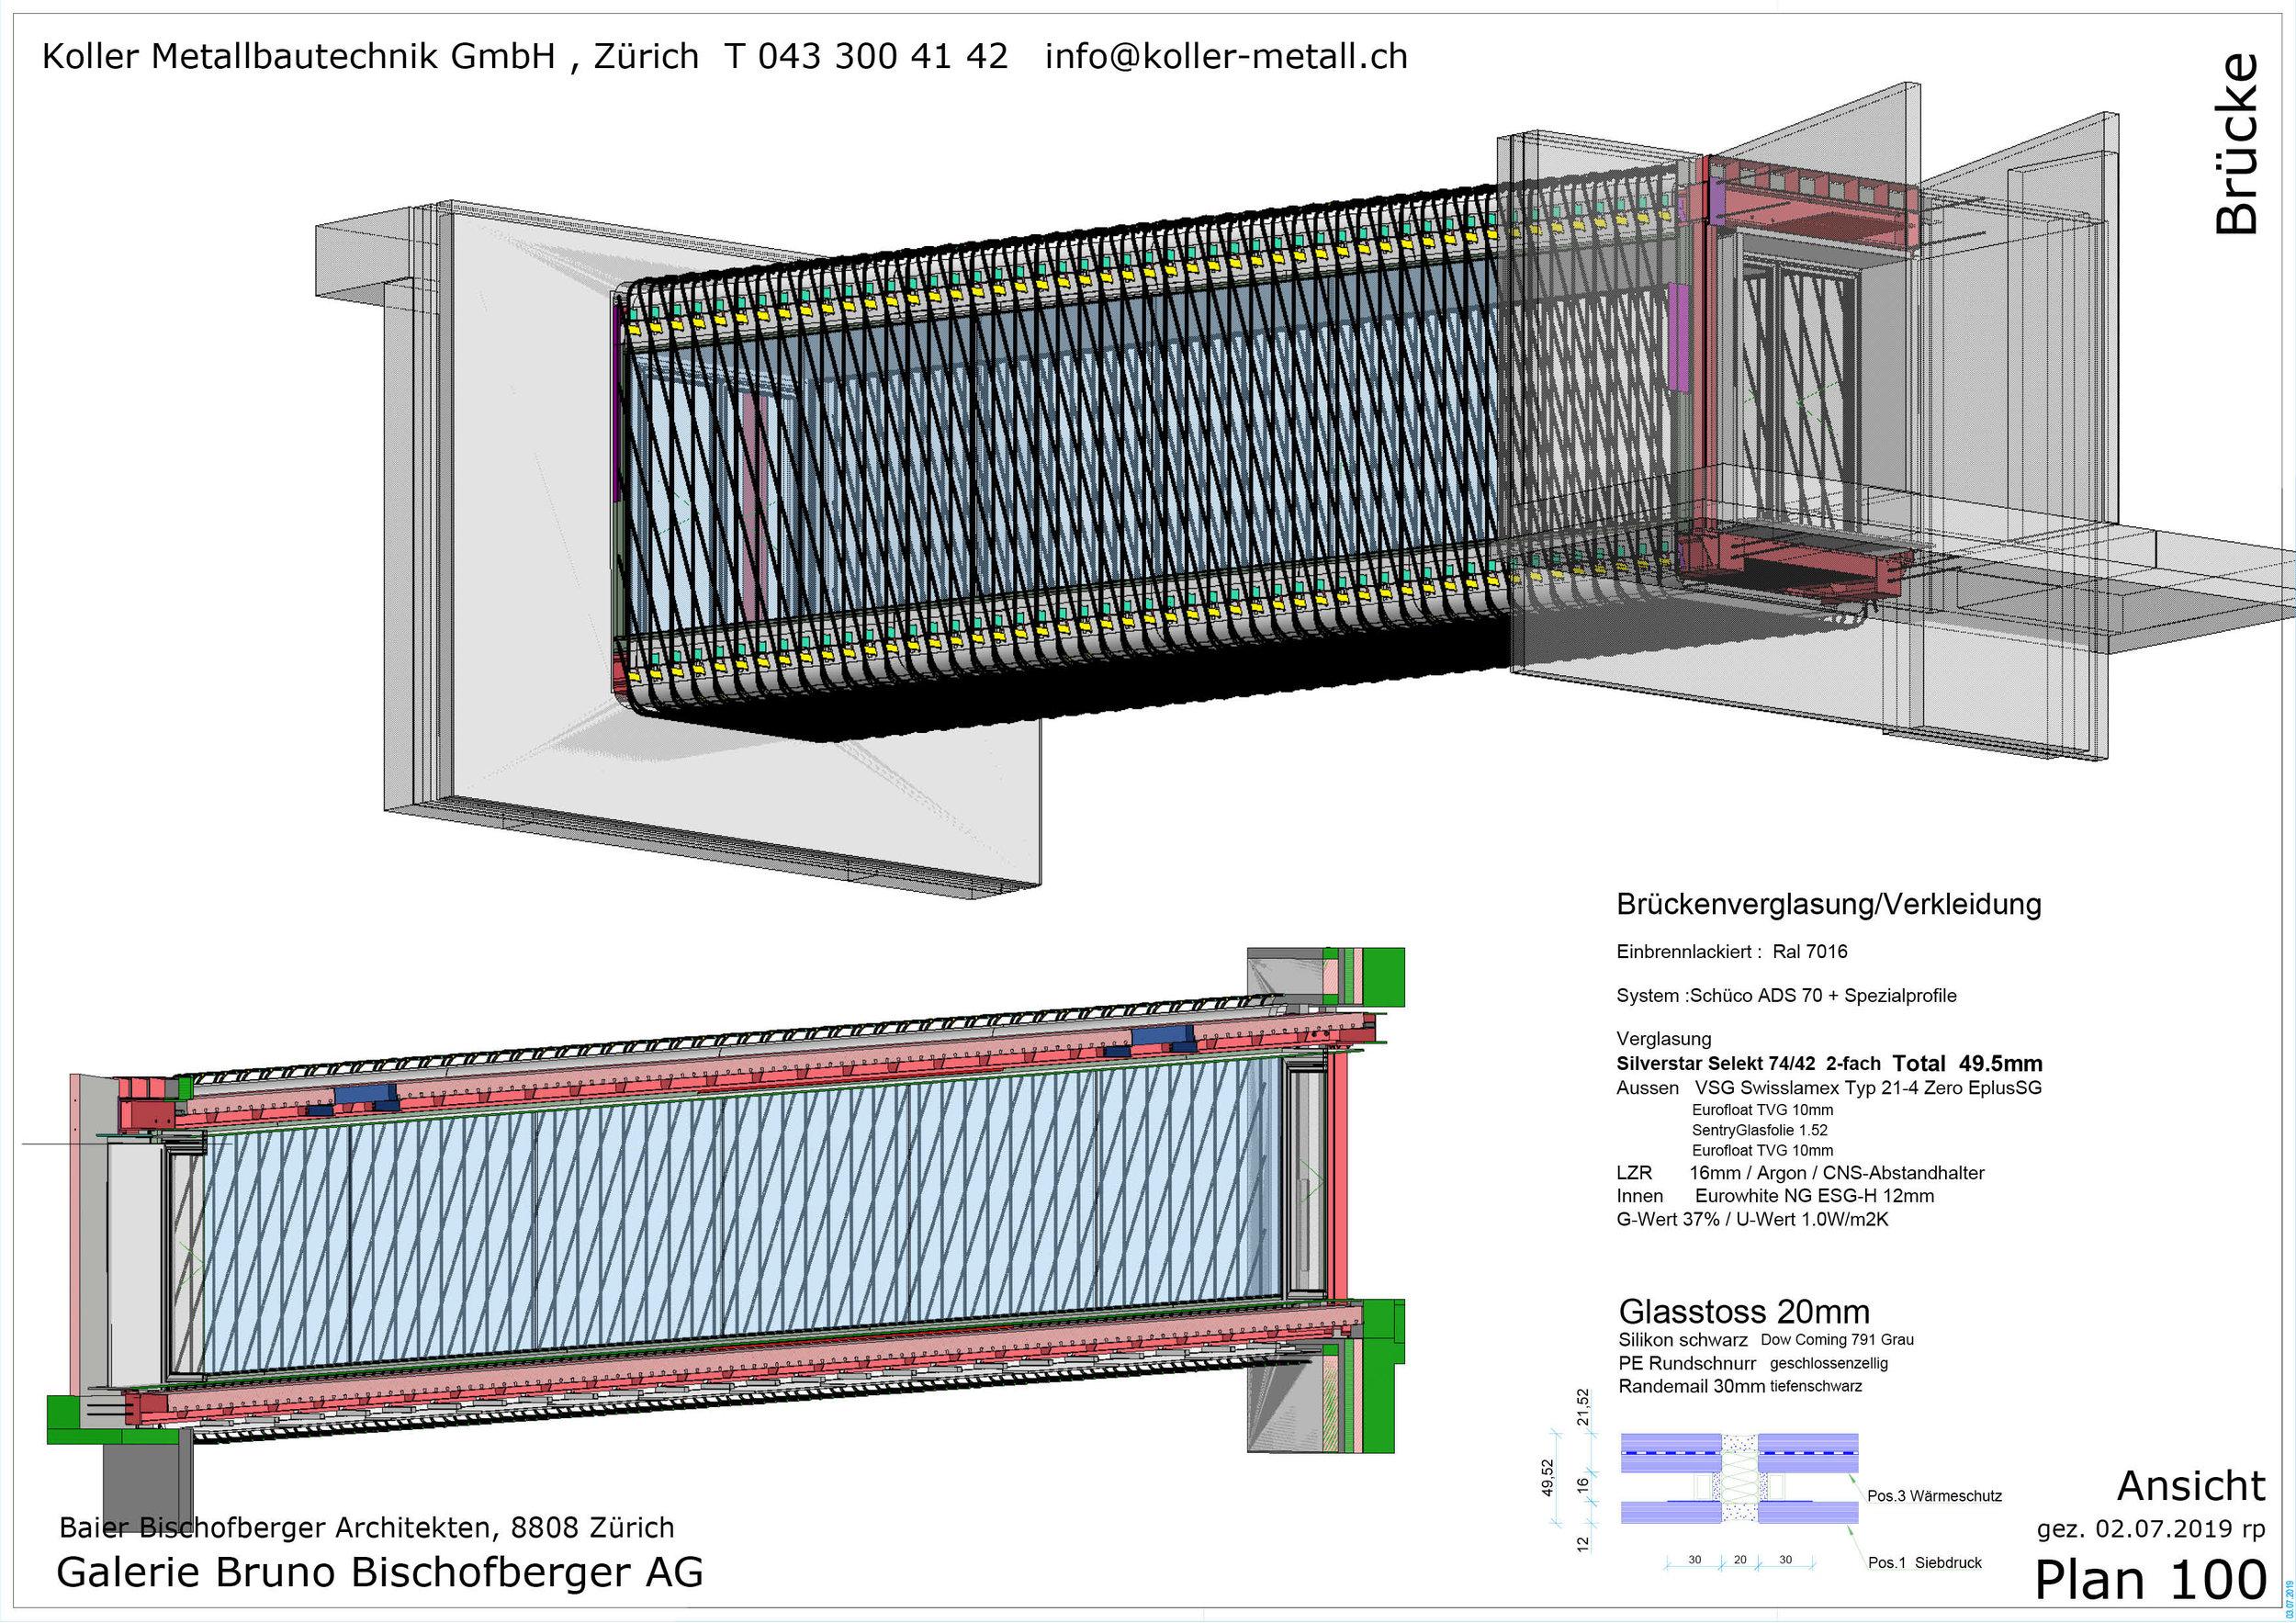 schueco_ADS_70_koller_metallbautechnik.jpg